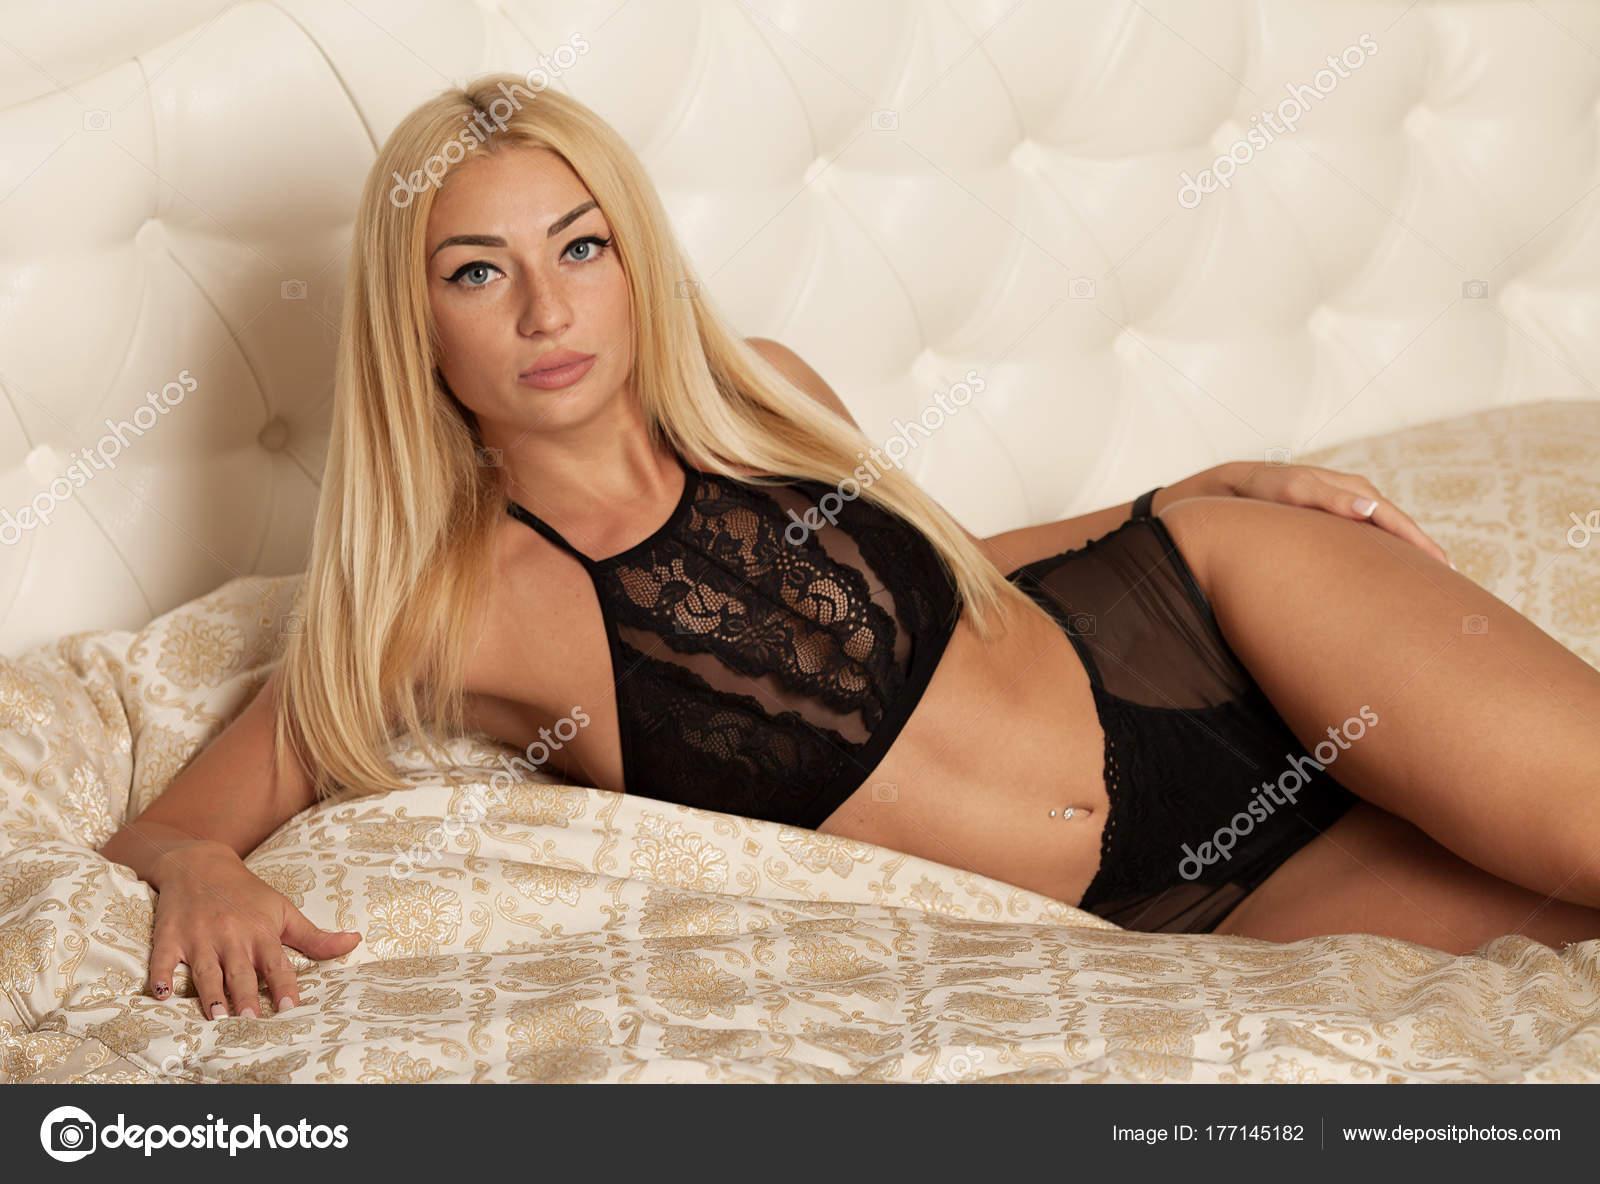 Красивая сексуальная блондинка на кровати, порно ролики башкирские девчонки